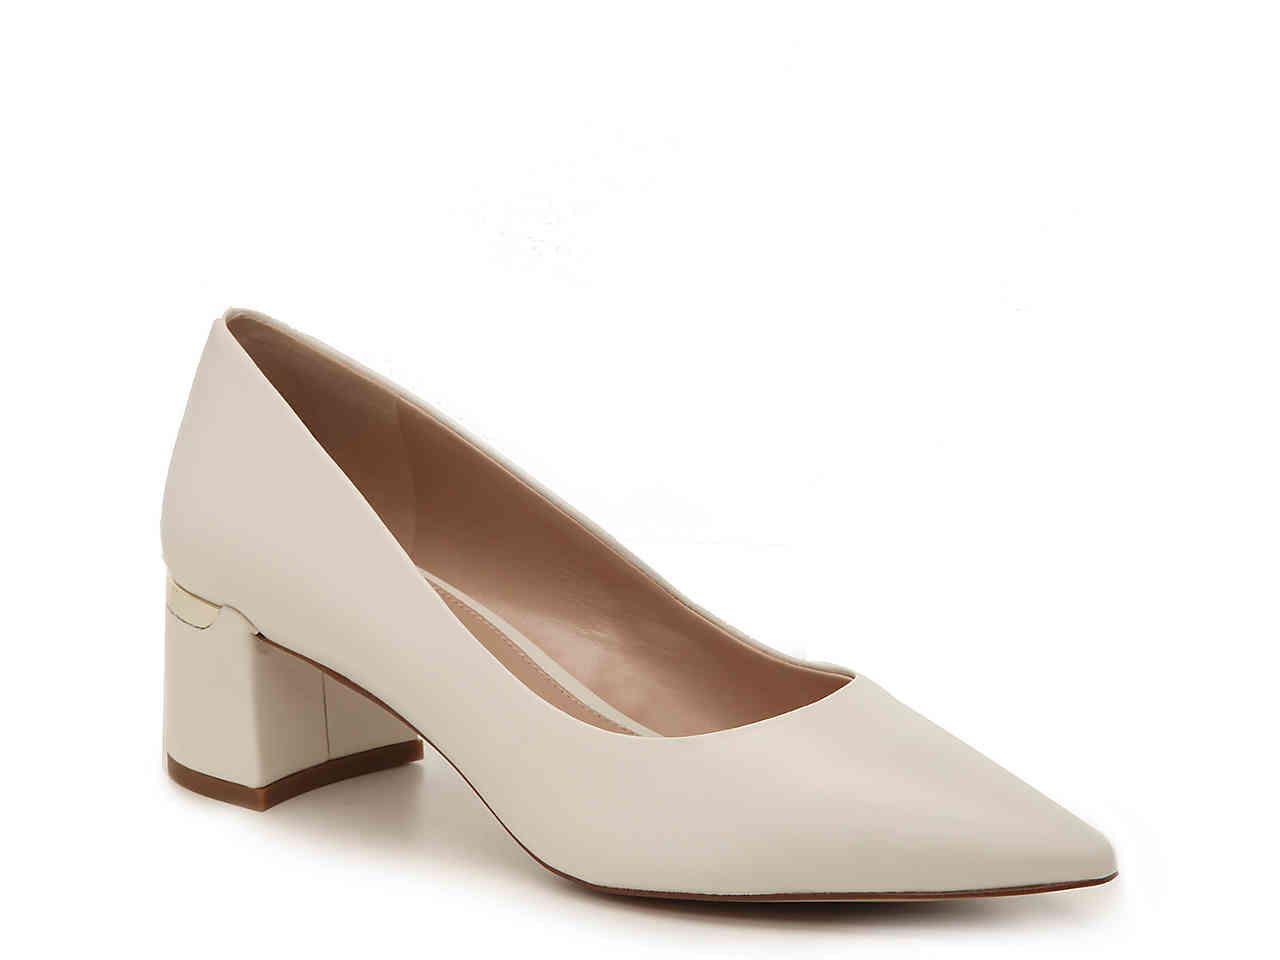 48017143507 Essex Lane Deeana Pump Women's Shoes   DSW   The Look in 2019 ...